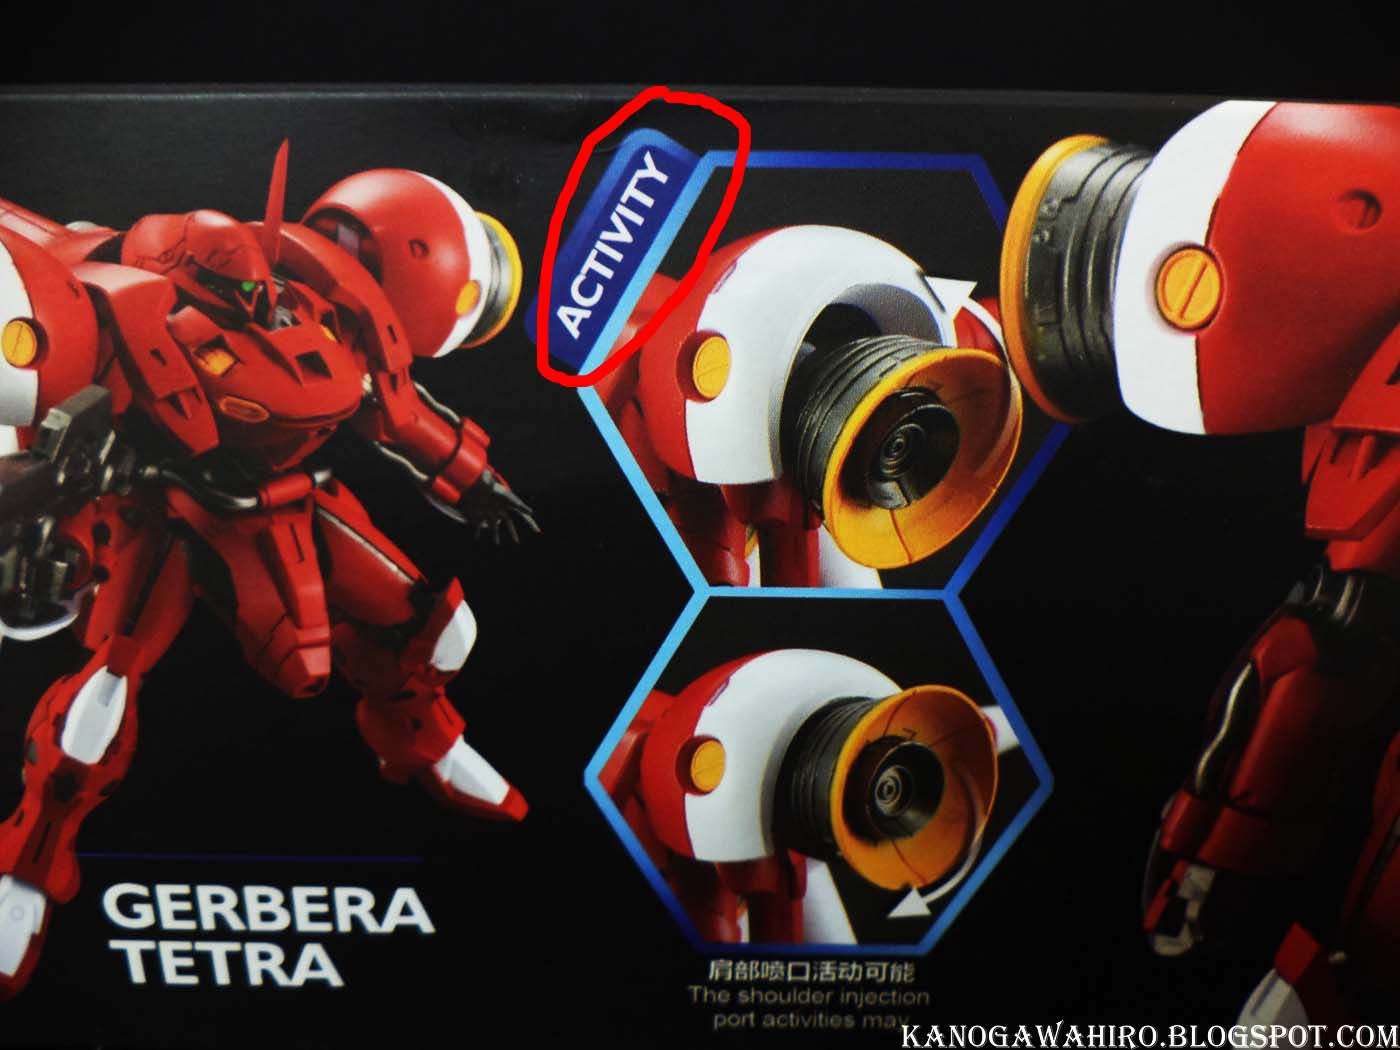 聯邦隊長のりょういき: 模型日記:龍桃子 HG 1/144 Gerbera Tetra /紅色角馬 開箱&板件預覽(7月20日)